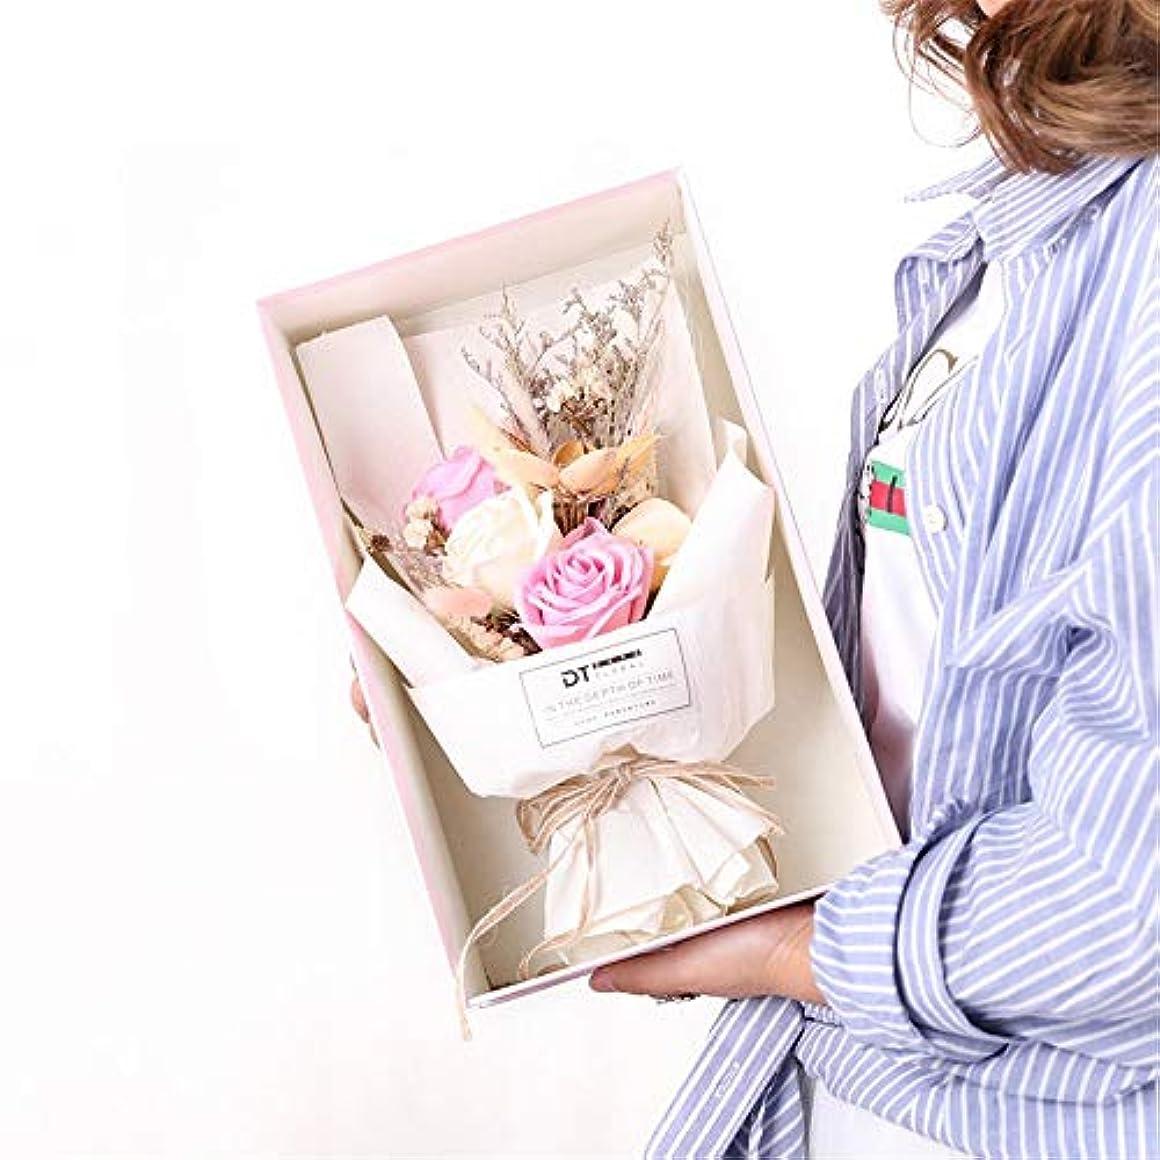 規定アイザック踏み台手作りのバラ石鹸フラワーブーケのギフトボックス、女性のためのギフトバレンタインデー、母の日、結婚式、クリスマス、誕生日を愛した女の子 (色 : ピンク)